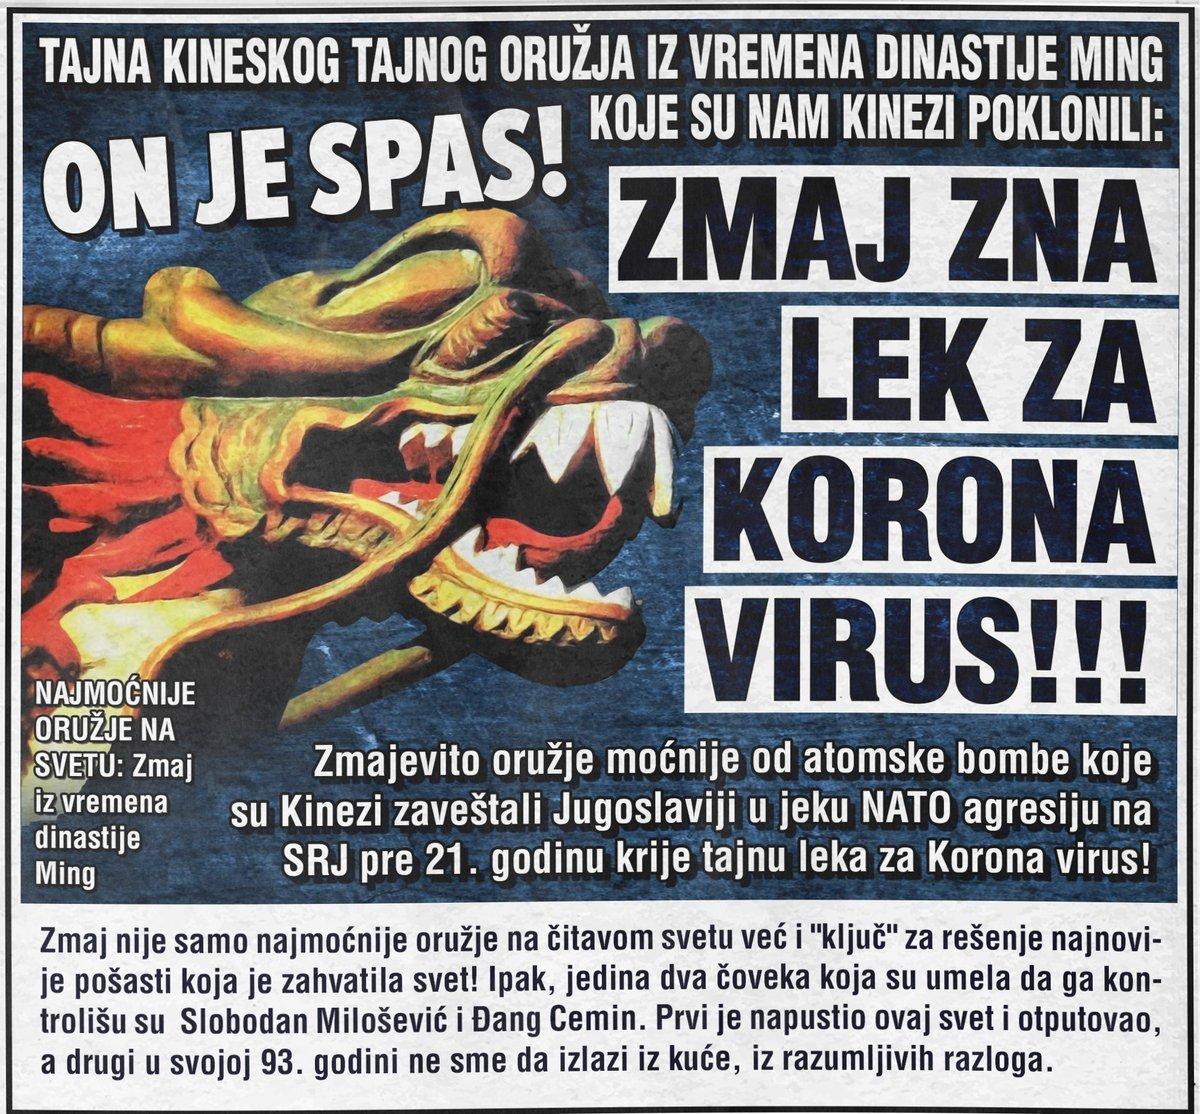 Zmaj je lek za Korona virus